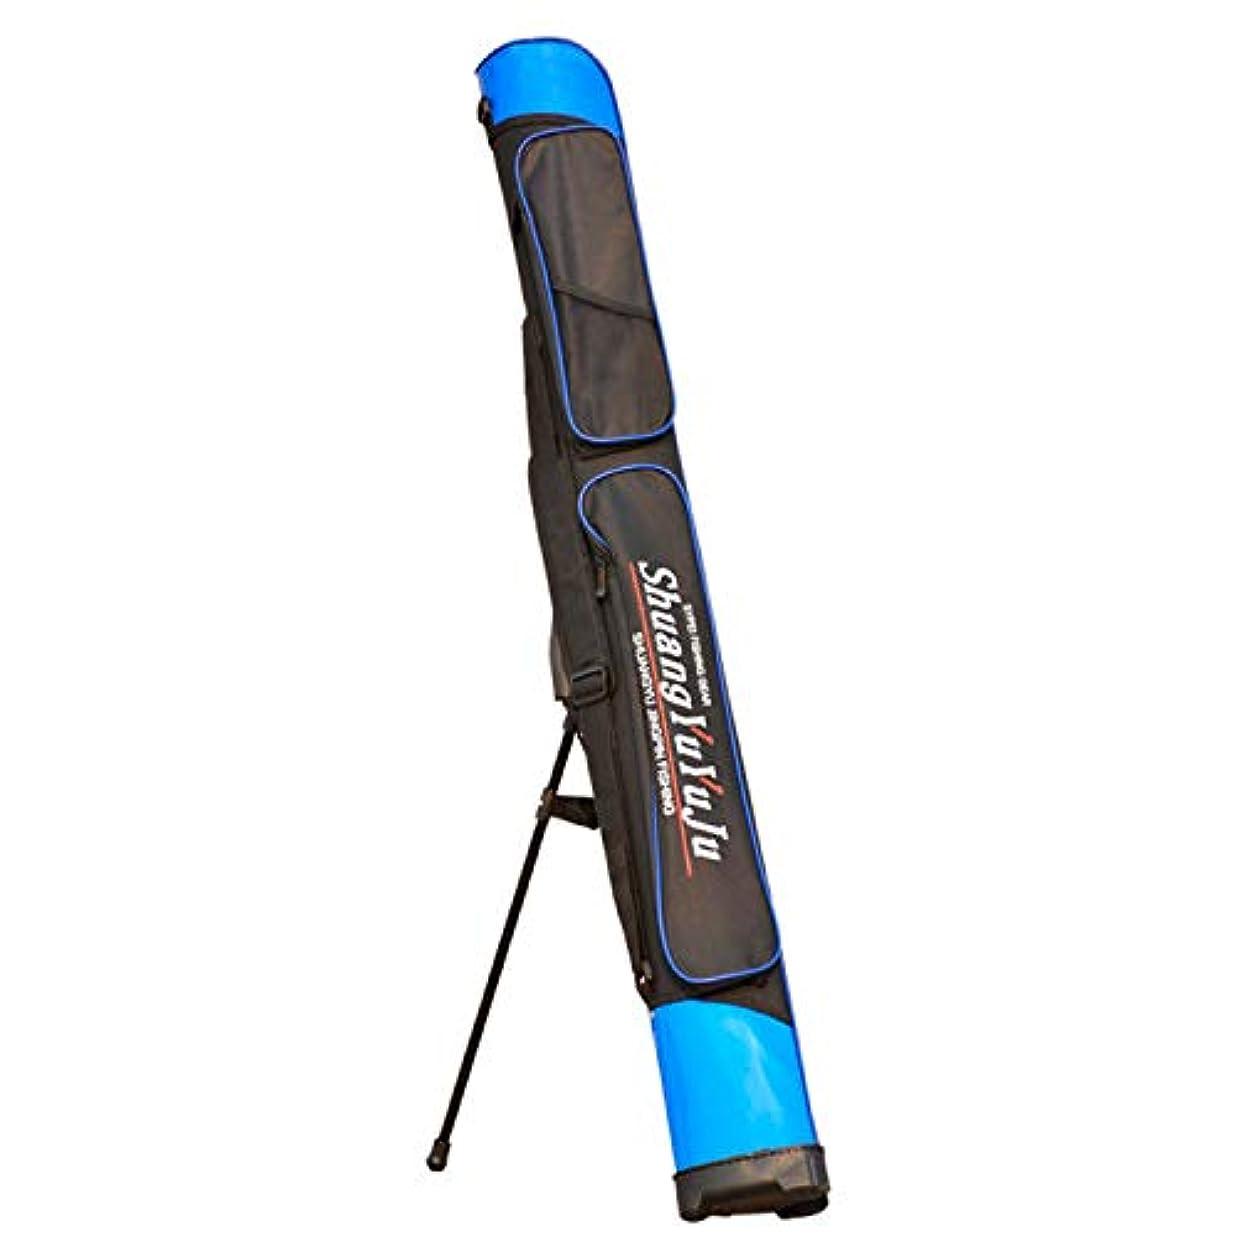 副選択するピルブラケット付きのブルーの釣り竿ダブルデッキ釣りバッグ釣りギアバッグ,Blue